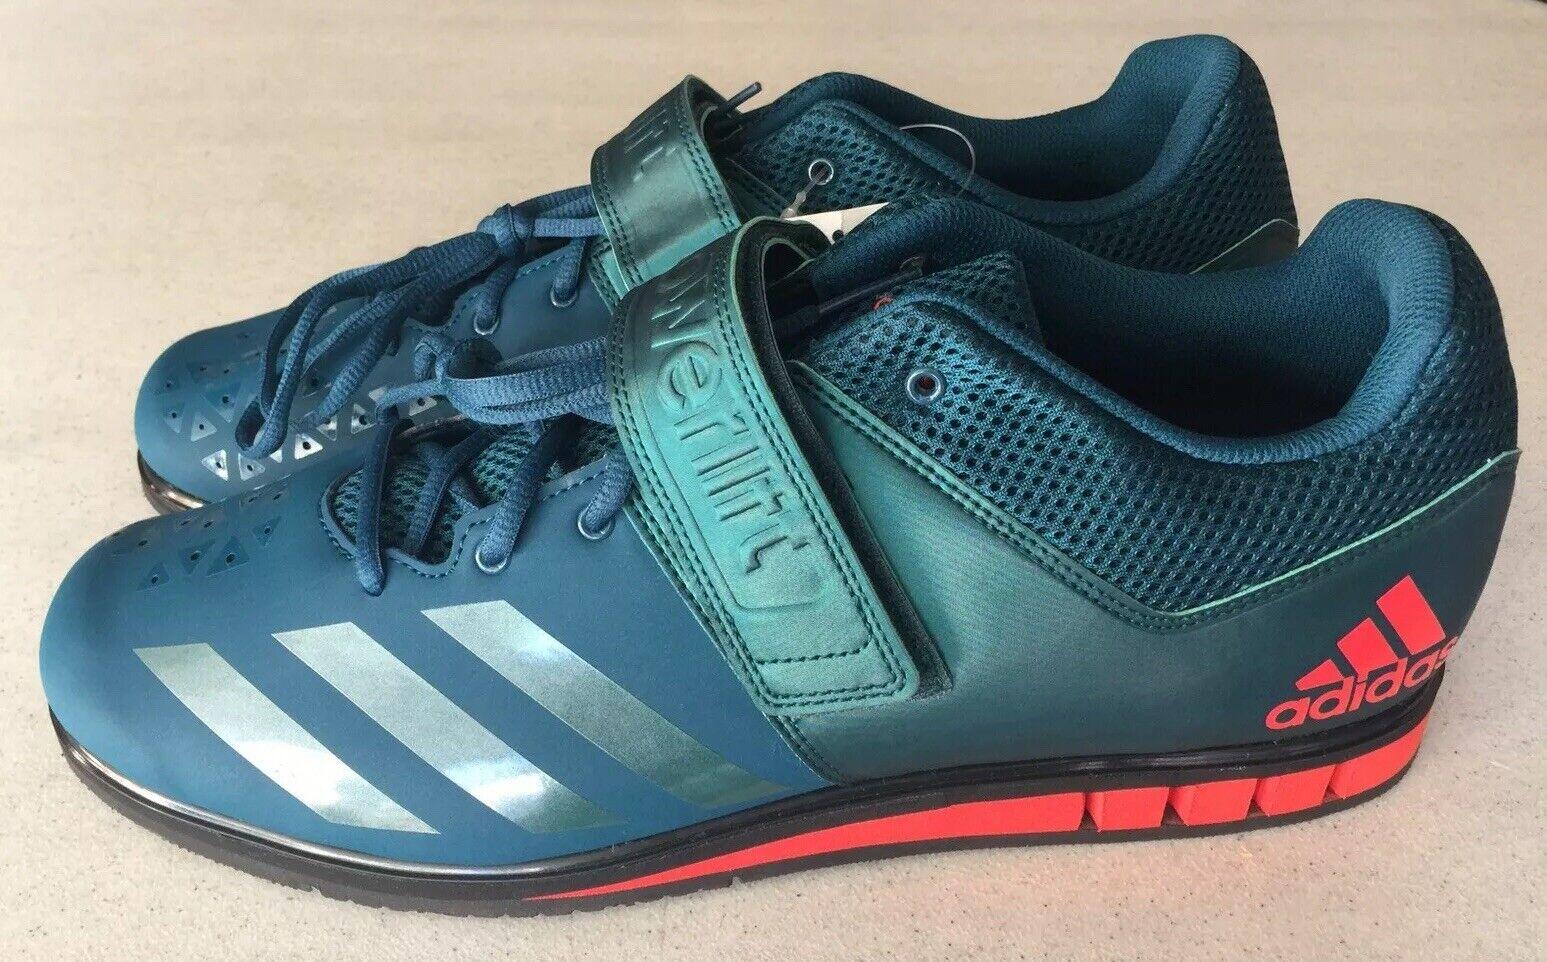 Adidas Powerlift 3.1 Zapatos de Halterofilia alterophilie para hombre BA8014 US 15